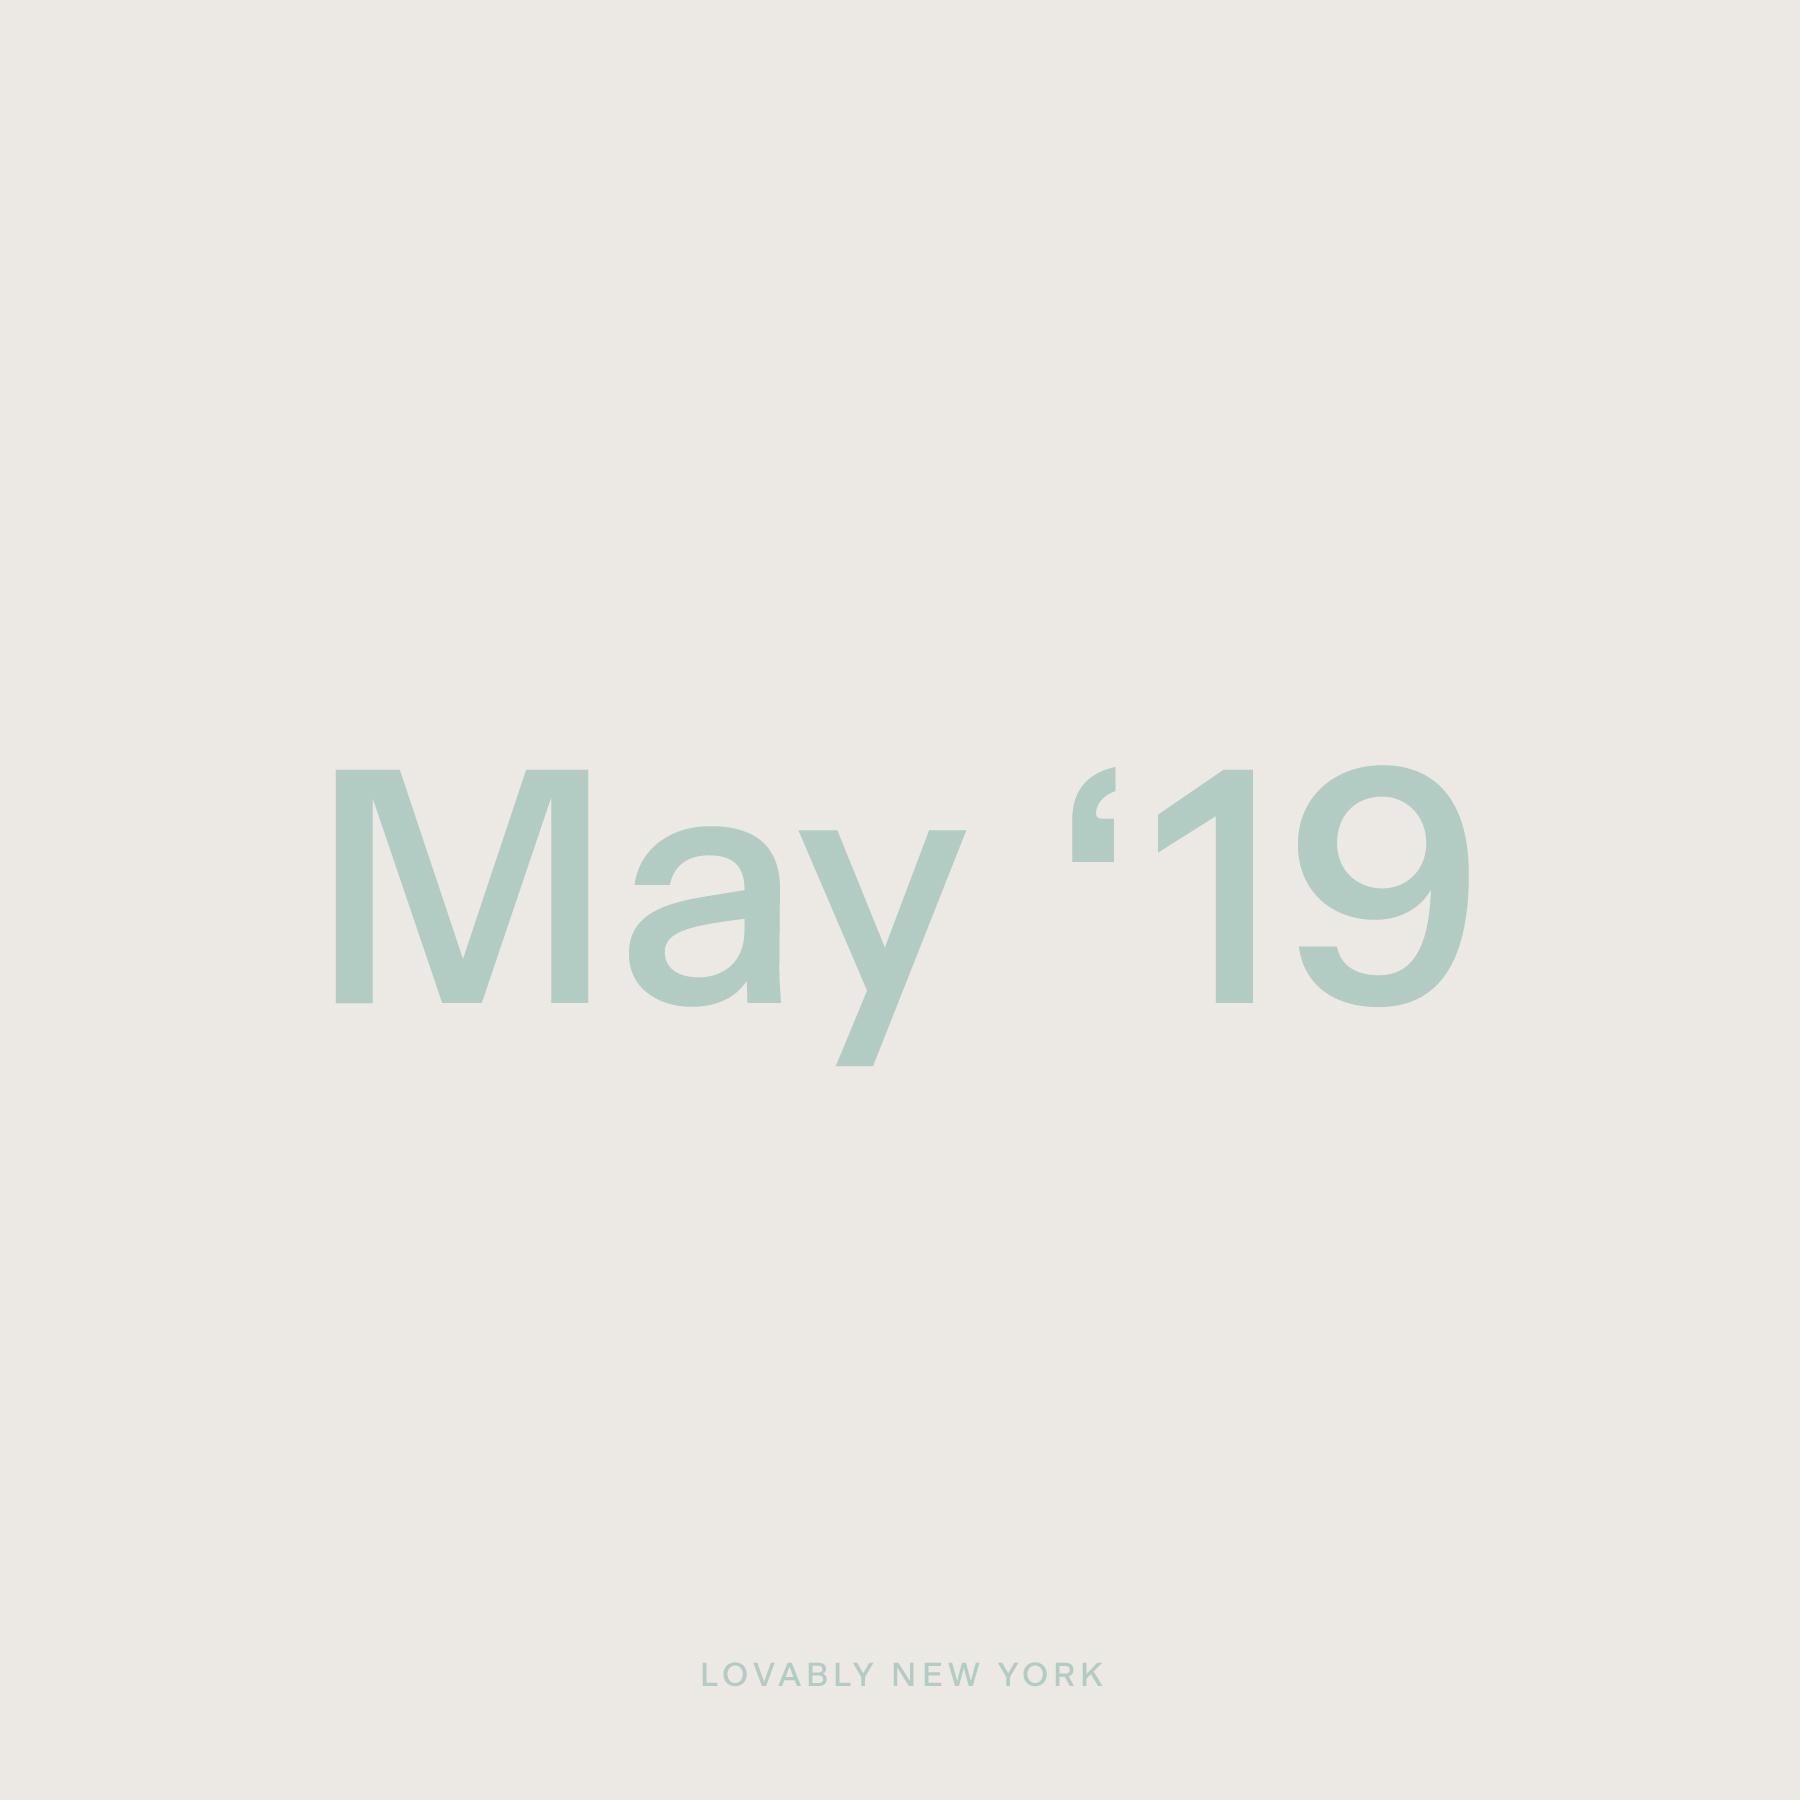 May '19